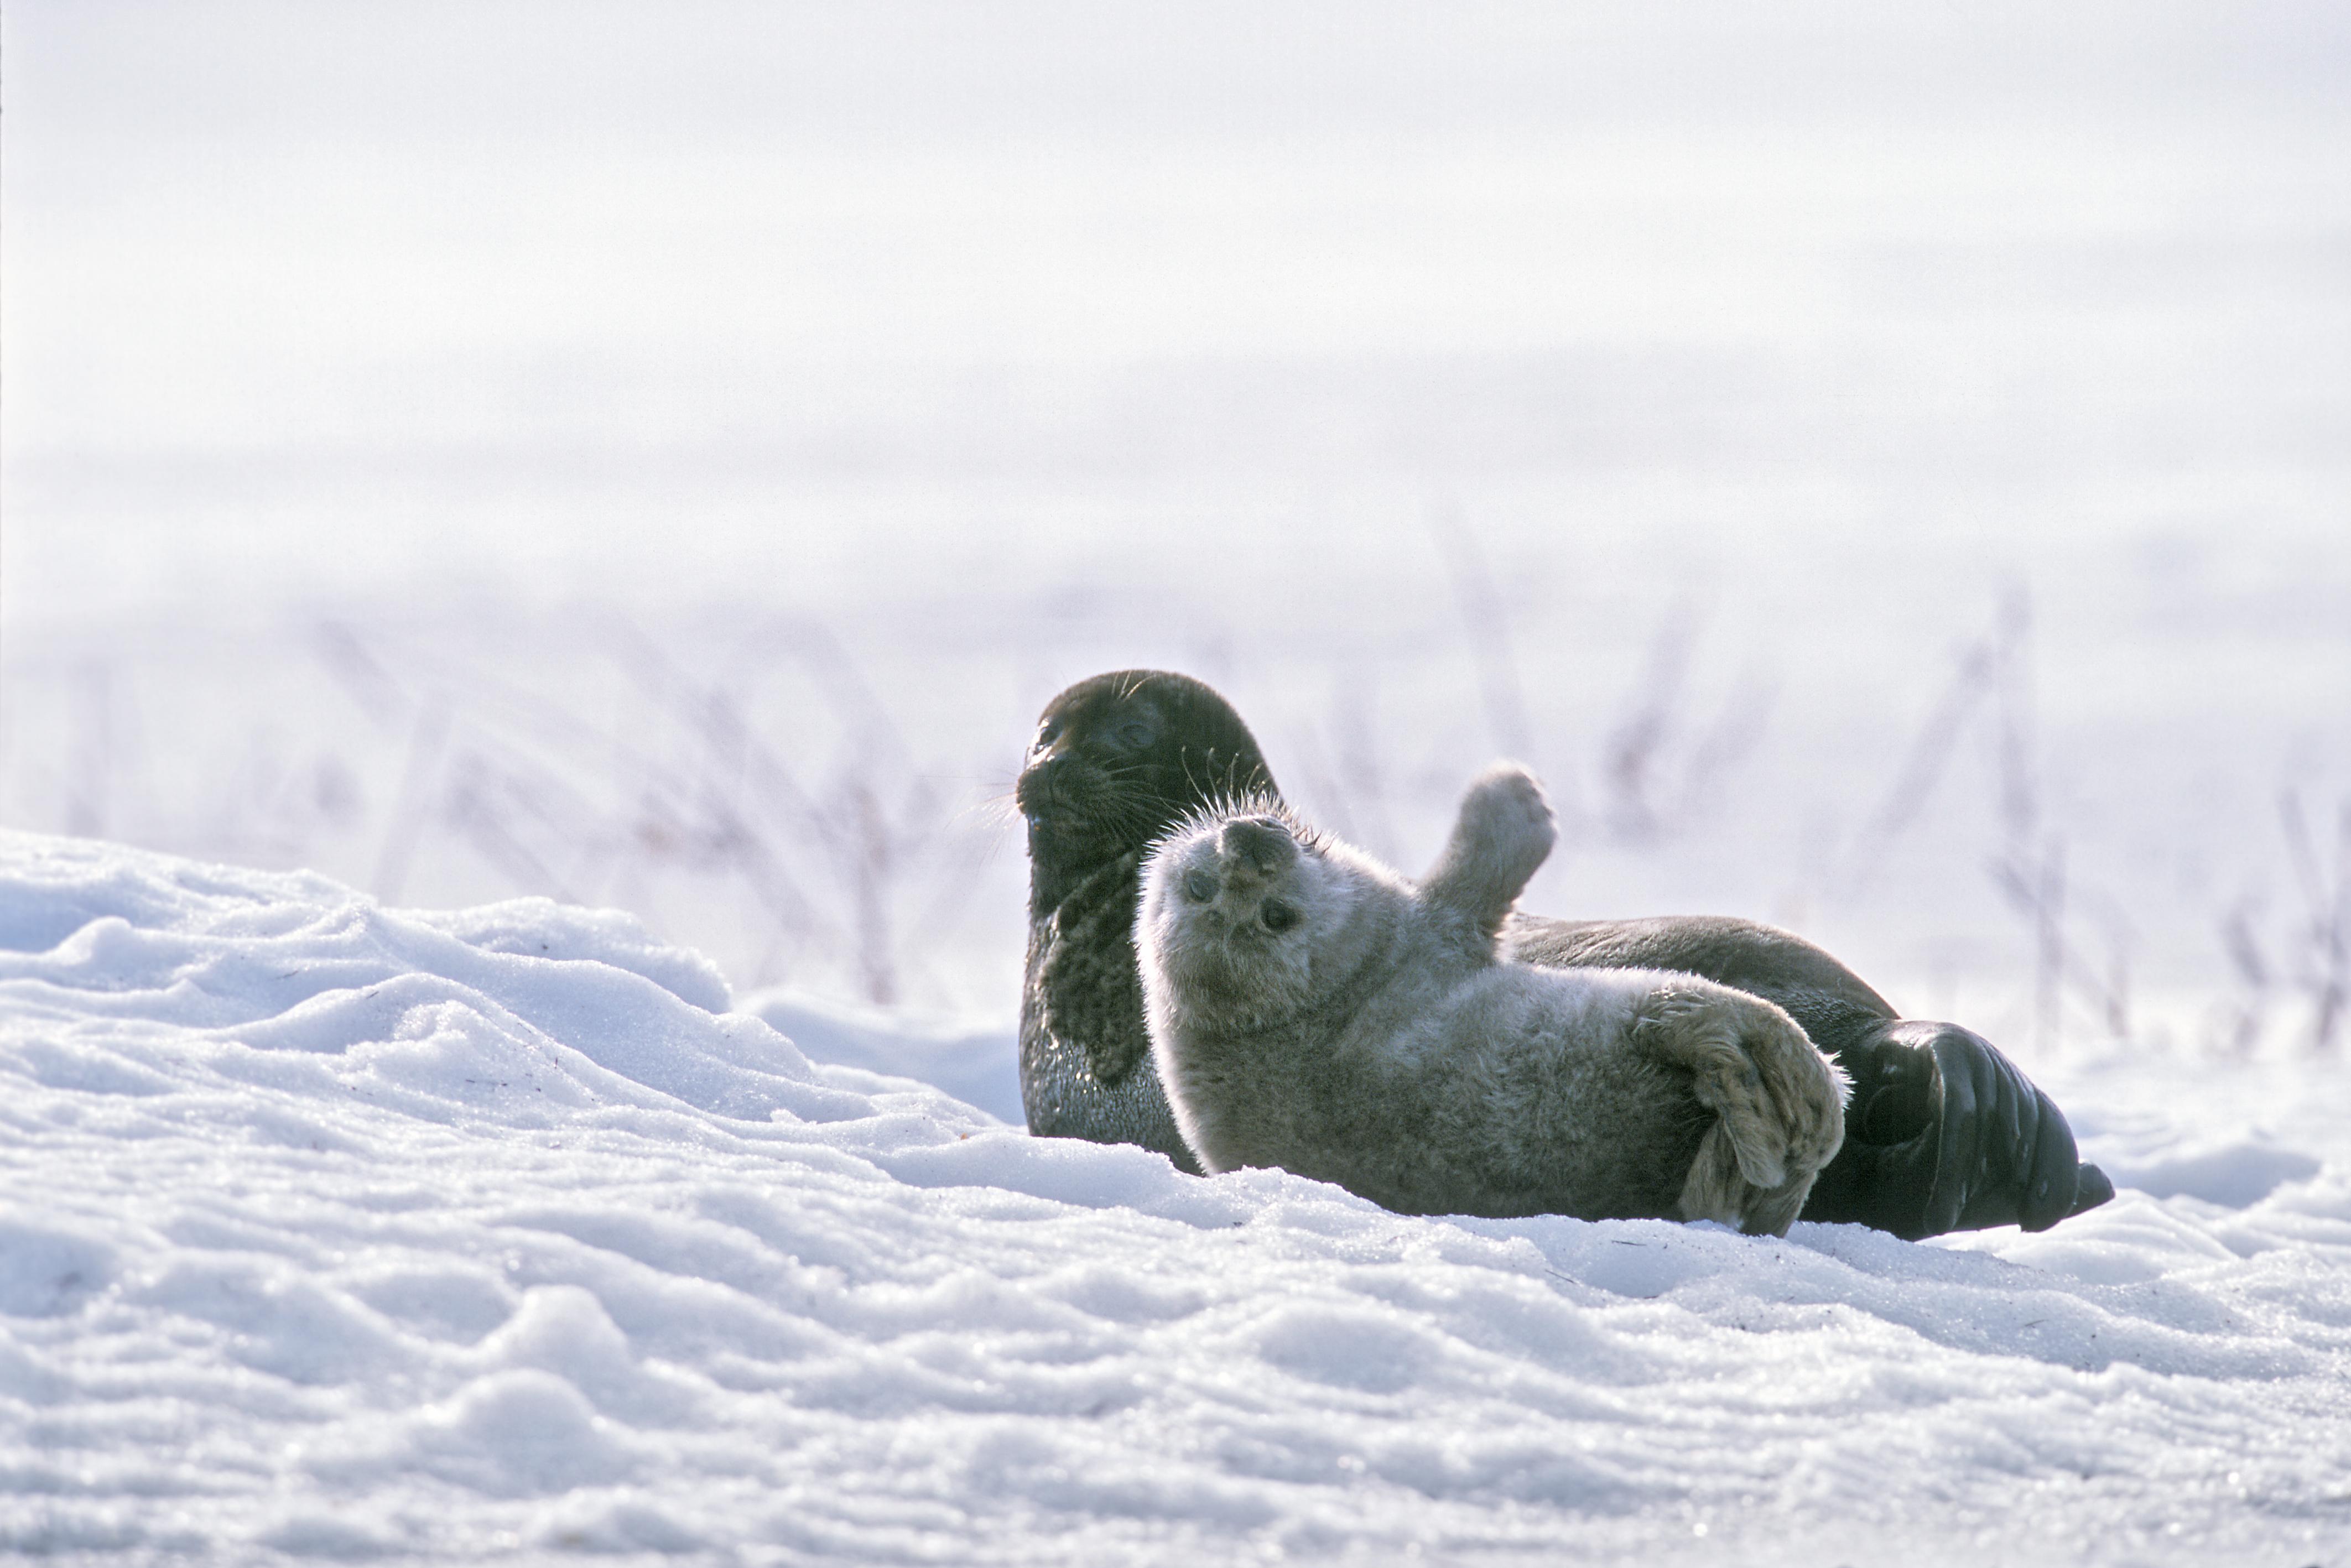 Saimaannorpan kuutti heiluttaa eväänsä lumella talvisessa maisemassa.